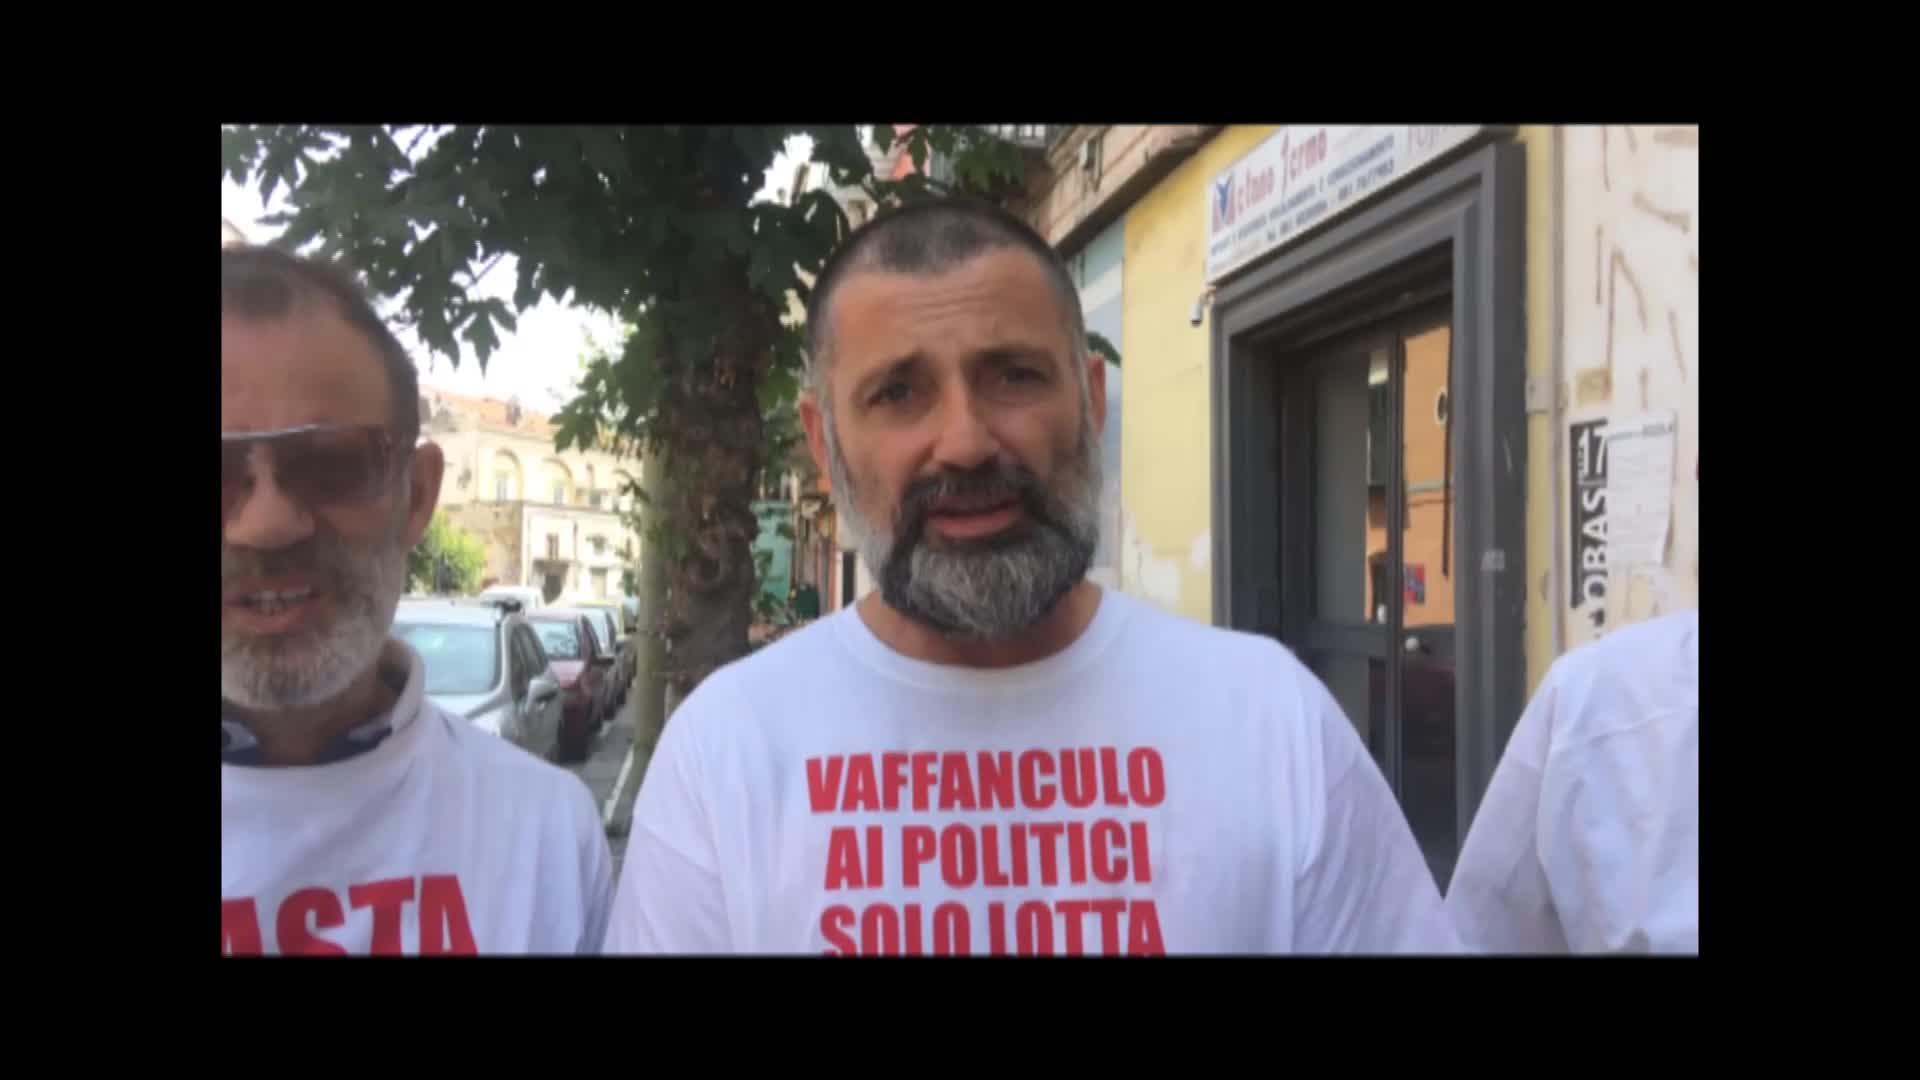 """Lavoratori senza stipendio protestano sotto casa del ministro Di Maio: """"Uè Uè Di Maio, allora?"""""""